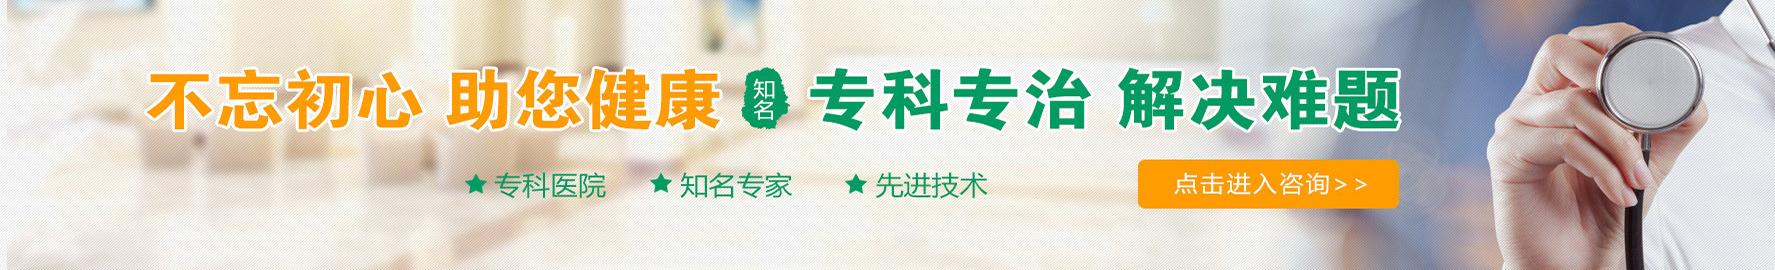 连云港男科医院